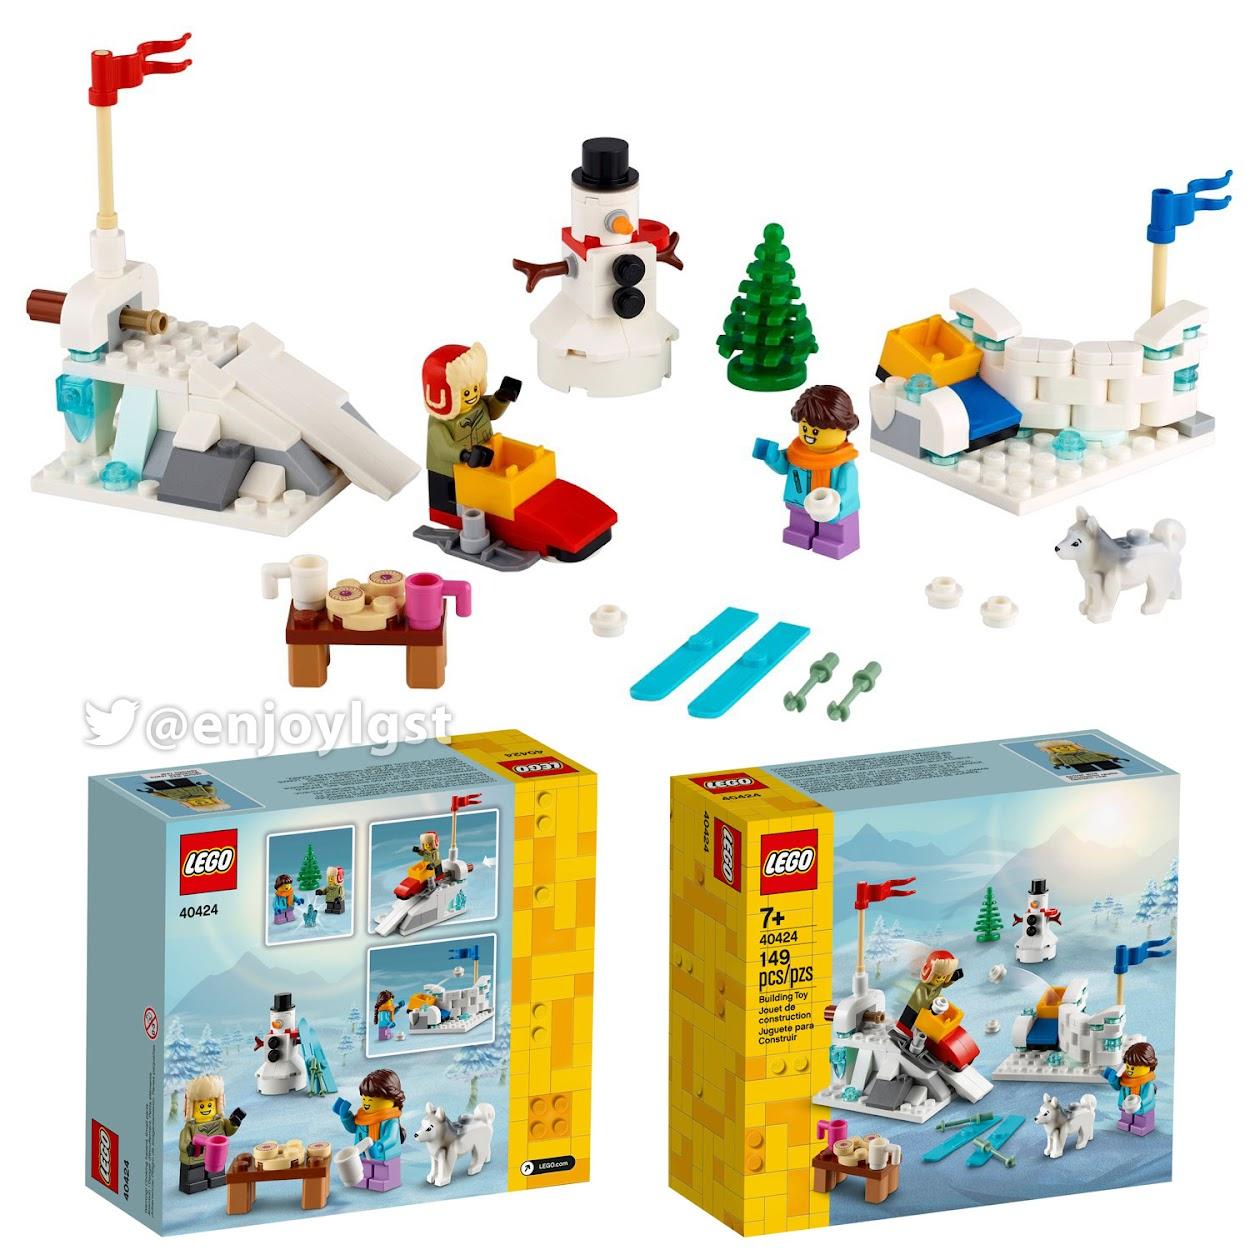 40424 雪合戦:レゴ #LEGO シーズン